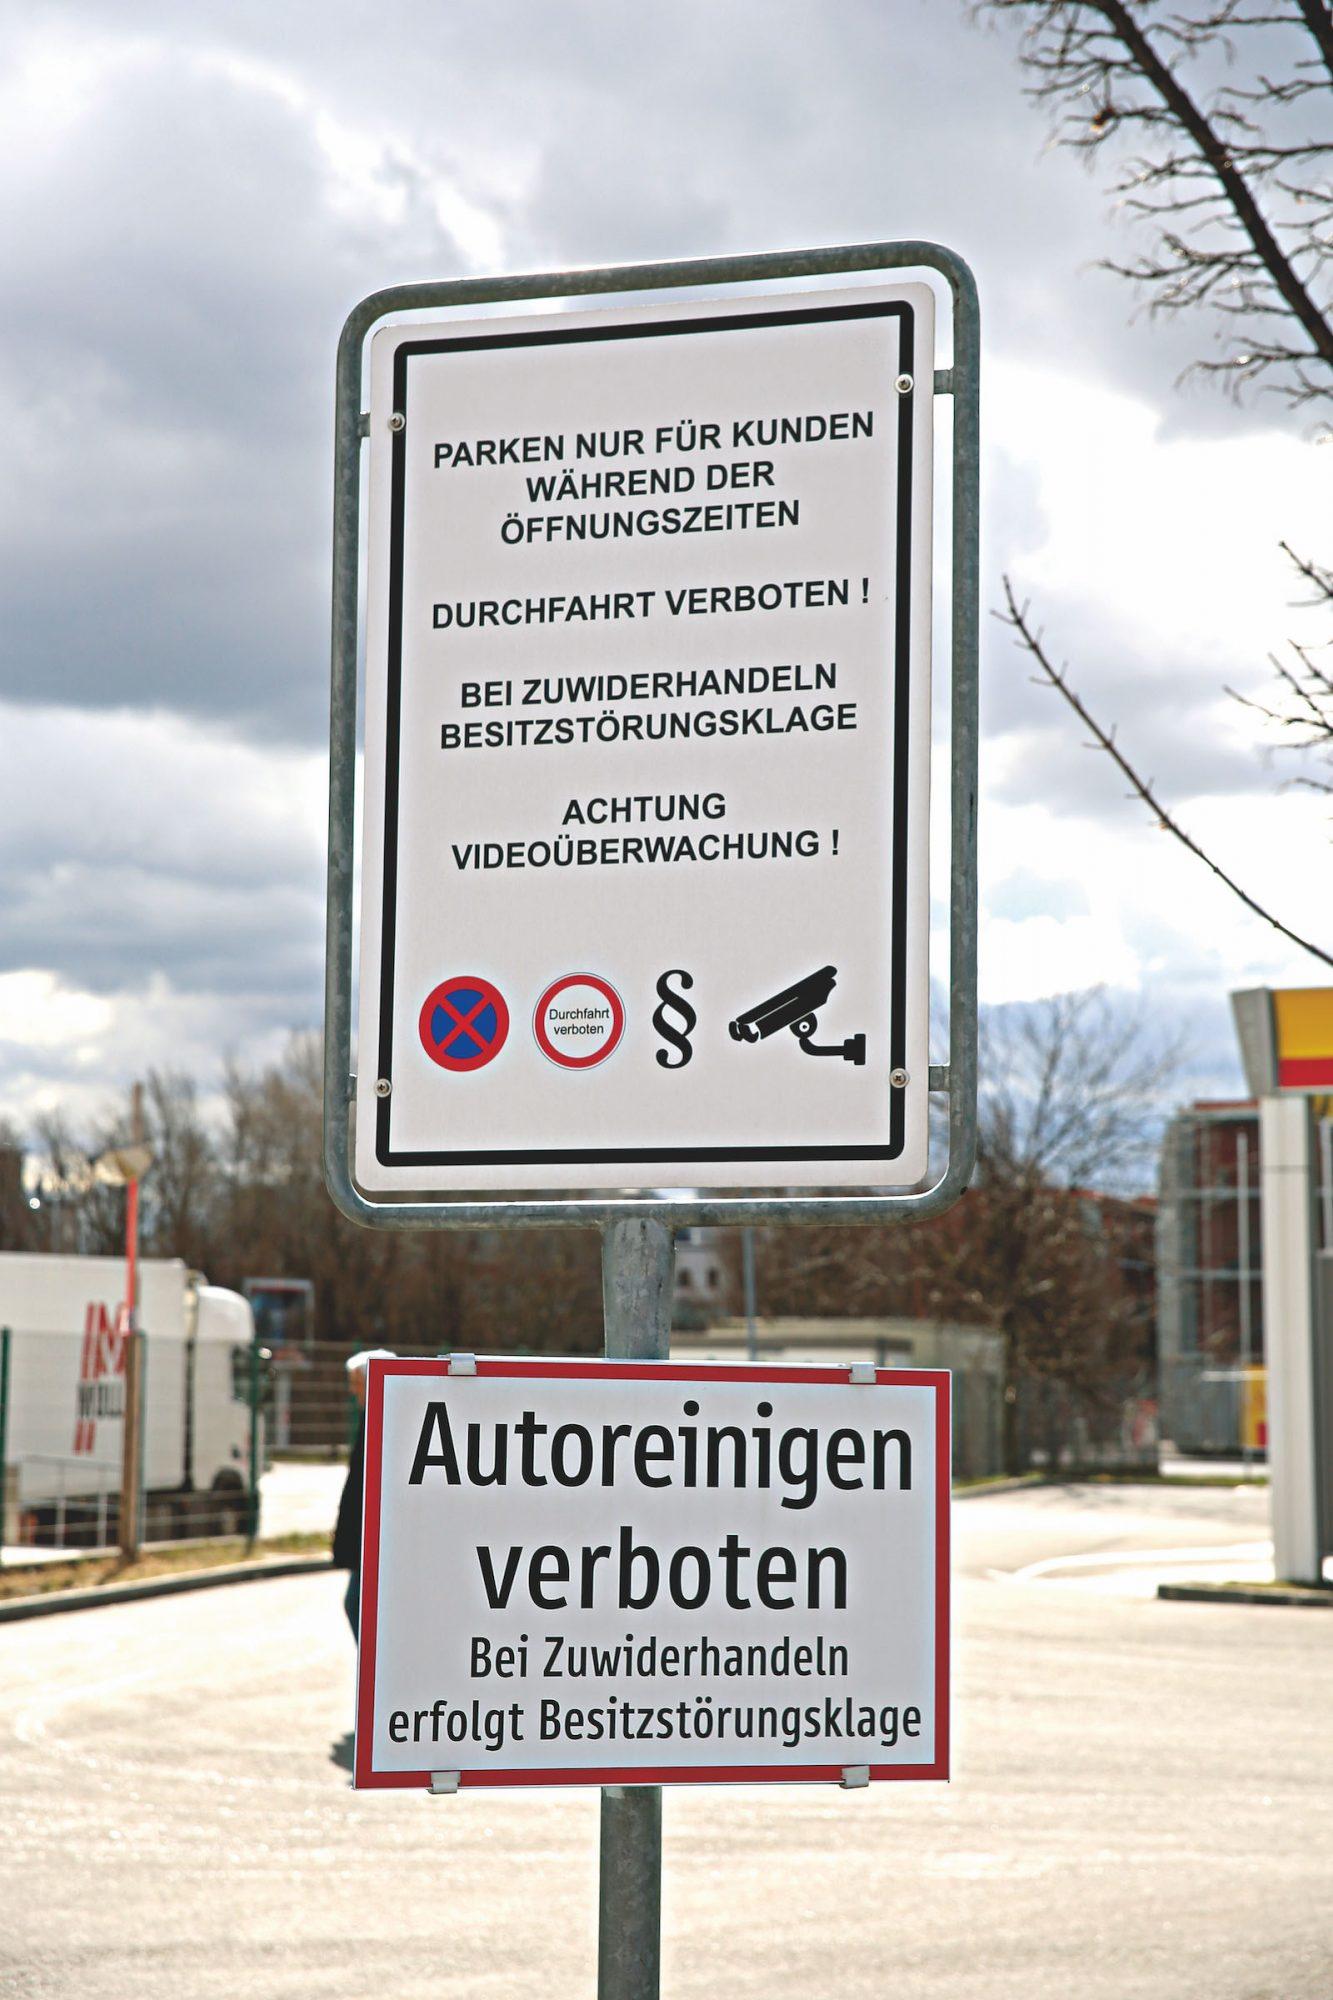 Sogar Autoreinigen ist bei der Siemensstraße verboten. Bild: Robert Sturm - cordbase.com